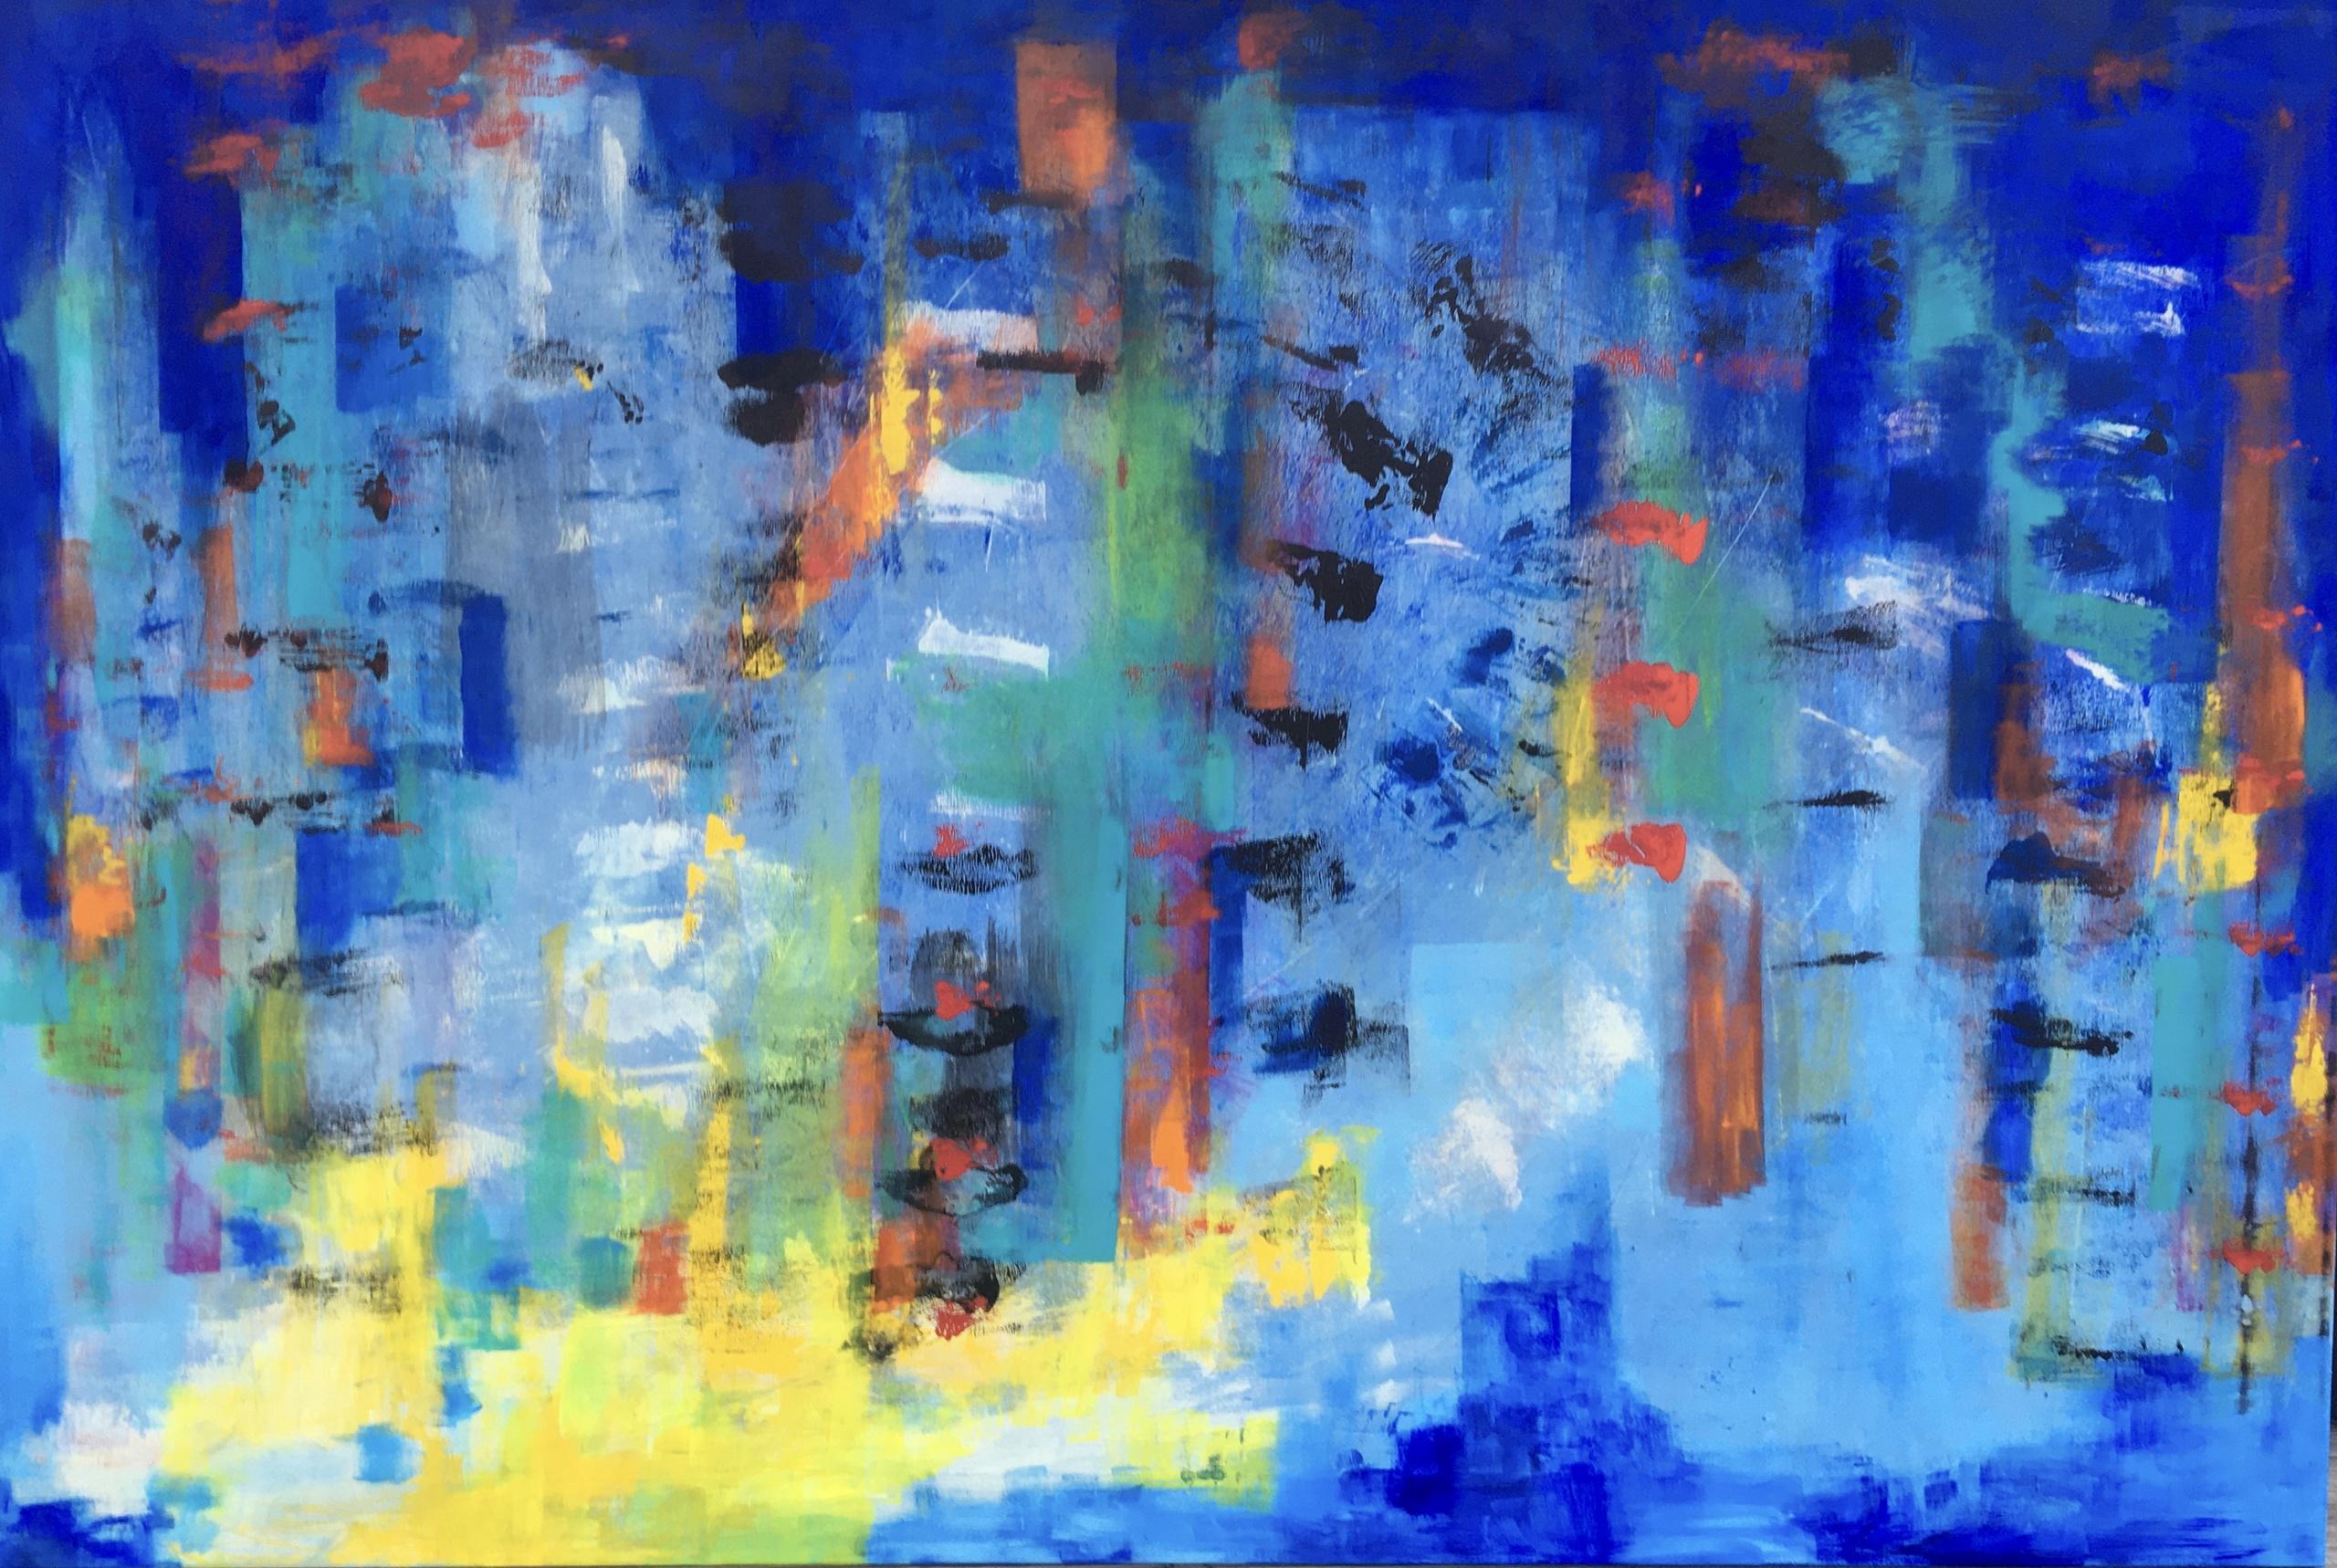 Stort og spændende maleri, hvor man hele tiden opdager nye ting - prøv selv at se efter - jeg ser mennesker.